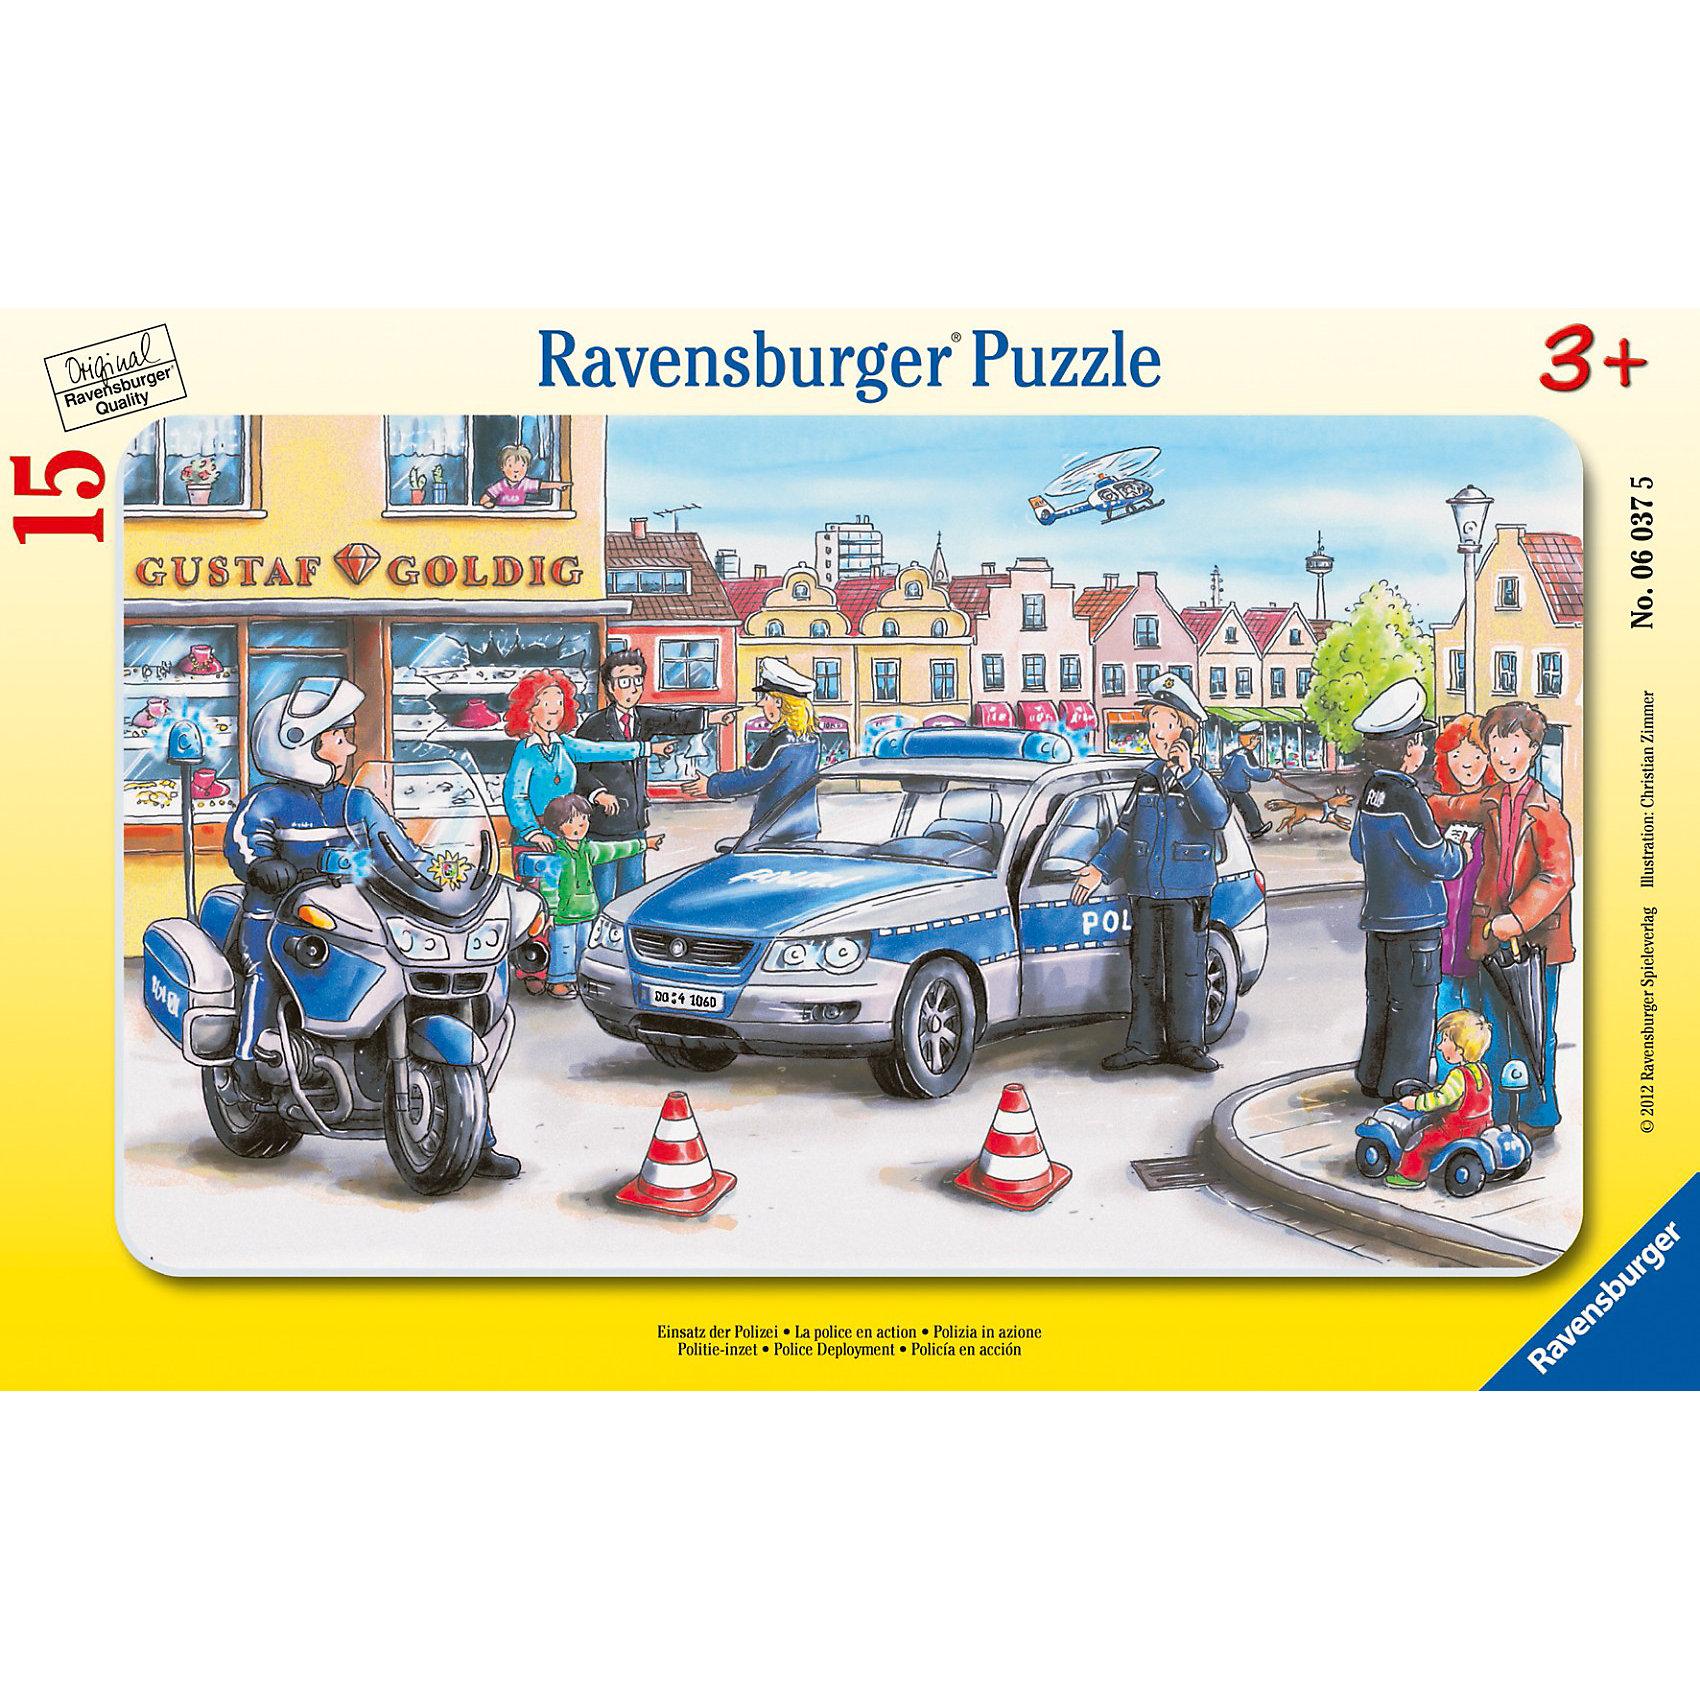 Пазл Полицейские Ravensburger, 15 деталейСобирать пазл «Полицейские» от Ravensburger (Равенсбургер) - это увлекательное занятие для ребенка. В городе произошло правонарушение! Жители стараются помочь отважным стражам порядка выяснить, кто преступник. Следи за развитием истории, собирая пазл! На картинке много забавных персонажей, поэтому ее так интересно рассматривать. Картинка получается настолько яркой и привлекательной, что ее можно использовать, как украшение комнаты, стоит только наклеить пазл на картон. Вас порадует, что плотный картон, из которого состоит пазл не мнется во время сборки, яркая картинка защищена от расслаивания, благодаря чему такой пазл способен служить долгое время. Пазл Полицейские от Ravensburger (Равенсбургер) - это полезное и увлекательное занятие для всей семьи!<br> <br>Дополнительная информация:<br><br>- Чудесный пазл для начинающих;<br>- Крупные детали;<br>- Развивает моторику и внимание;<br>- Интересный сюжет;<br>- Очень качественные элементы не расслаиваются;<br>- Материал: картон;<br>- Размер пазла в собранном виде: 25 х 14,5 см;<br>- Размер упаковки: 19 х 29,5 х 4 см;<br>- Вес: 148 г<br><br>Пазл Полицейские 15 деталей, Ravensburger (Равенсбургер) можно купить в нашем интернет-магазине.<br><br>Ширина мм: 298<br>Глубина мм: 192<br>Высота мм: 7<br>Вес г: 160<br>Возраст от месяцев: 36<br>Возраст до месяцев: 60<br>Пол: Мужской<br>Возраст: Детский<br>Количество деталей: 16<br>SKU: 2414712